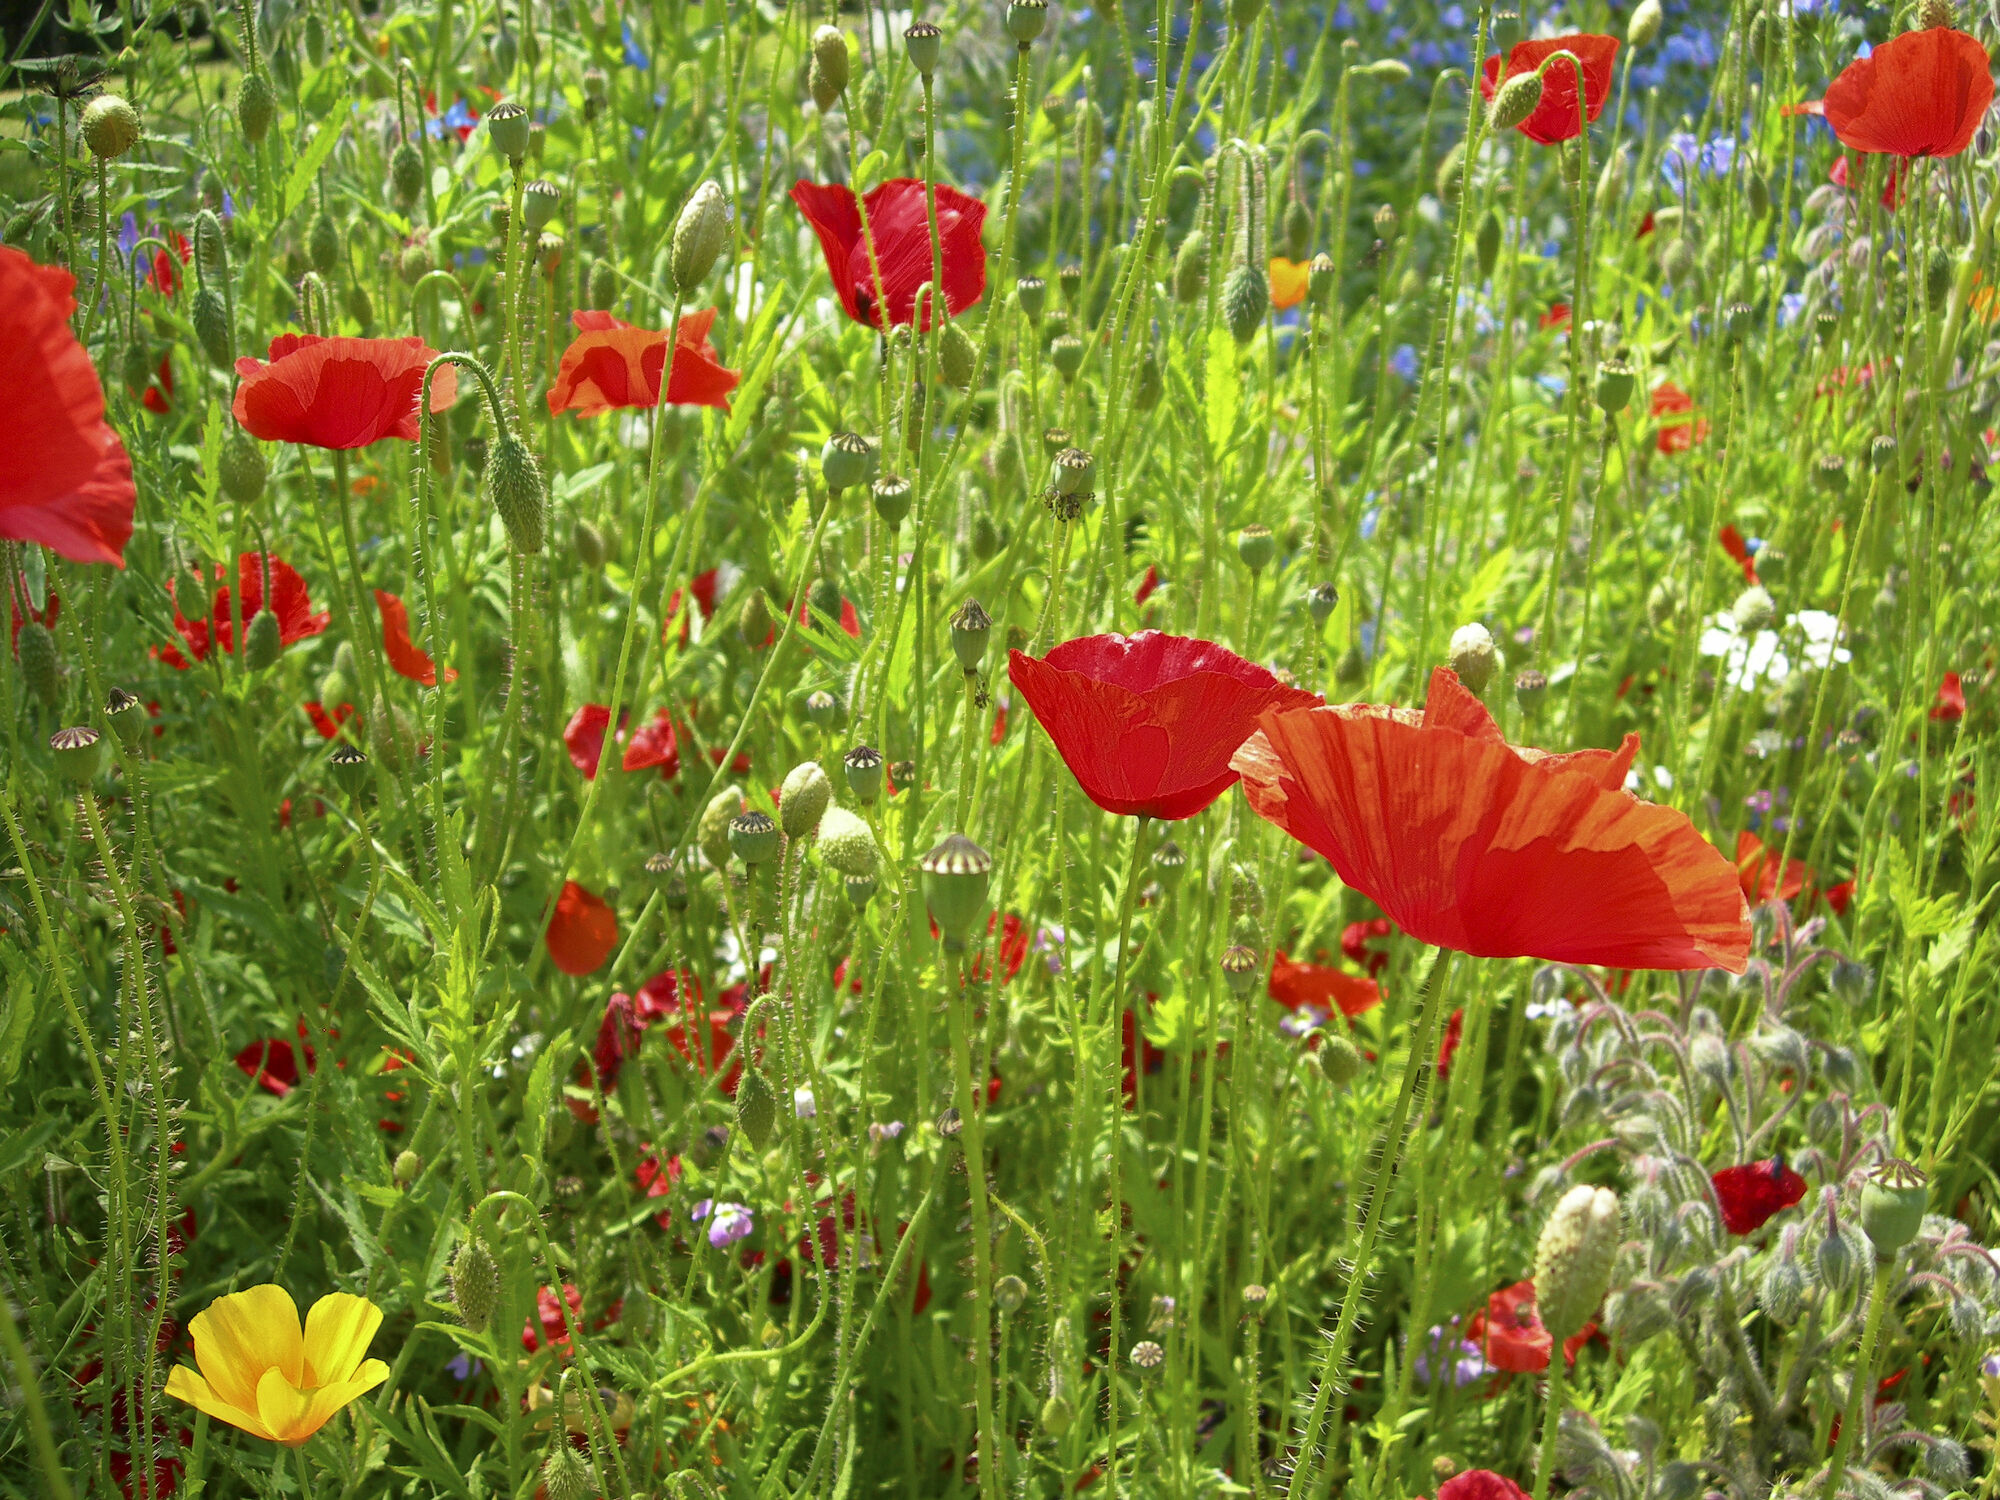 Bild mit Blumen, Mohn, Blume, Mohnblume, Mohnblumen, Bäume & Wiesen